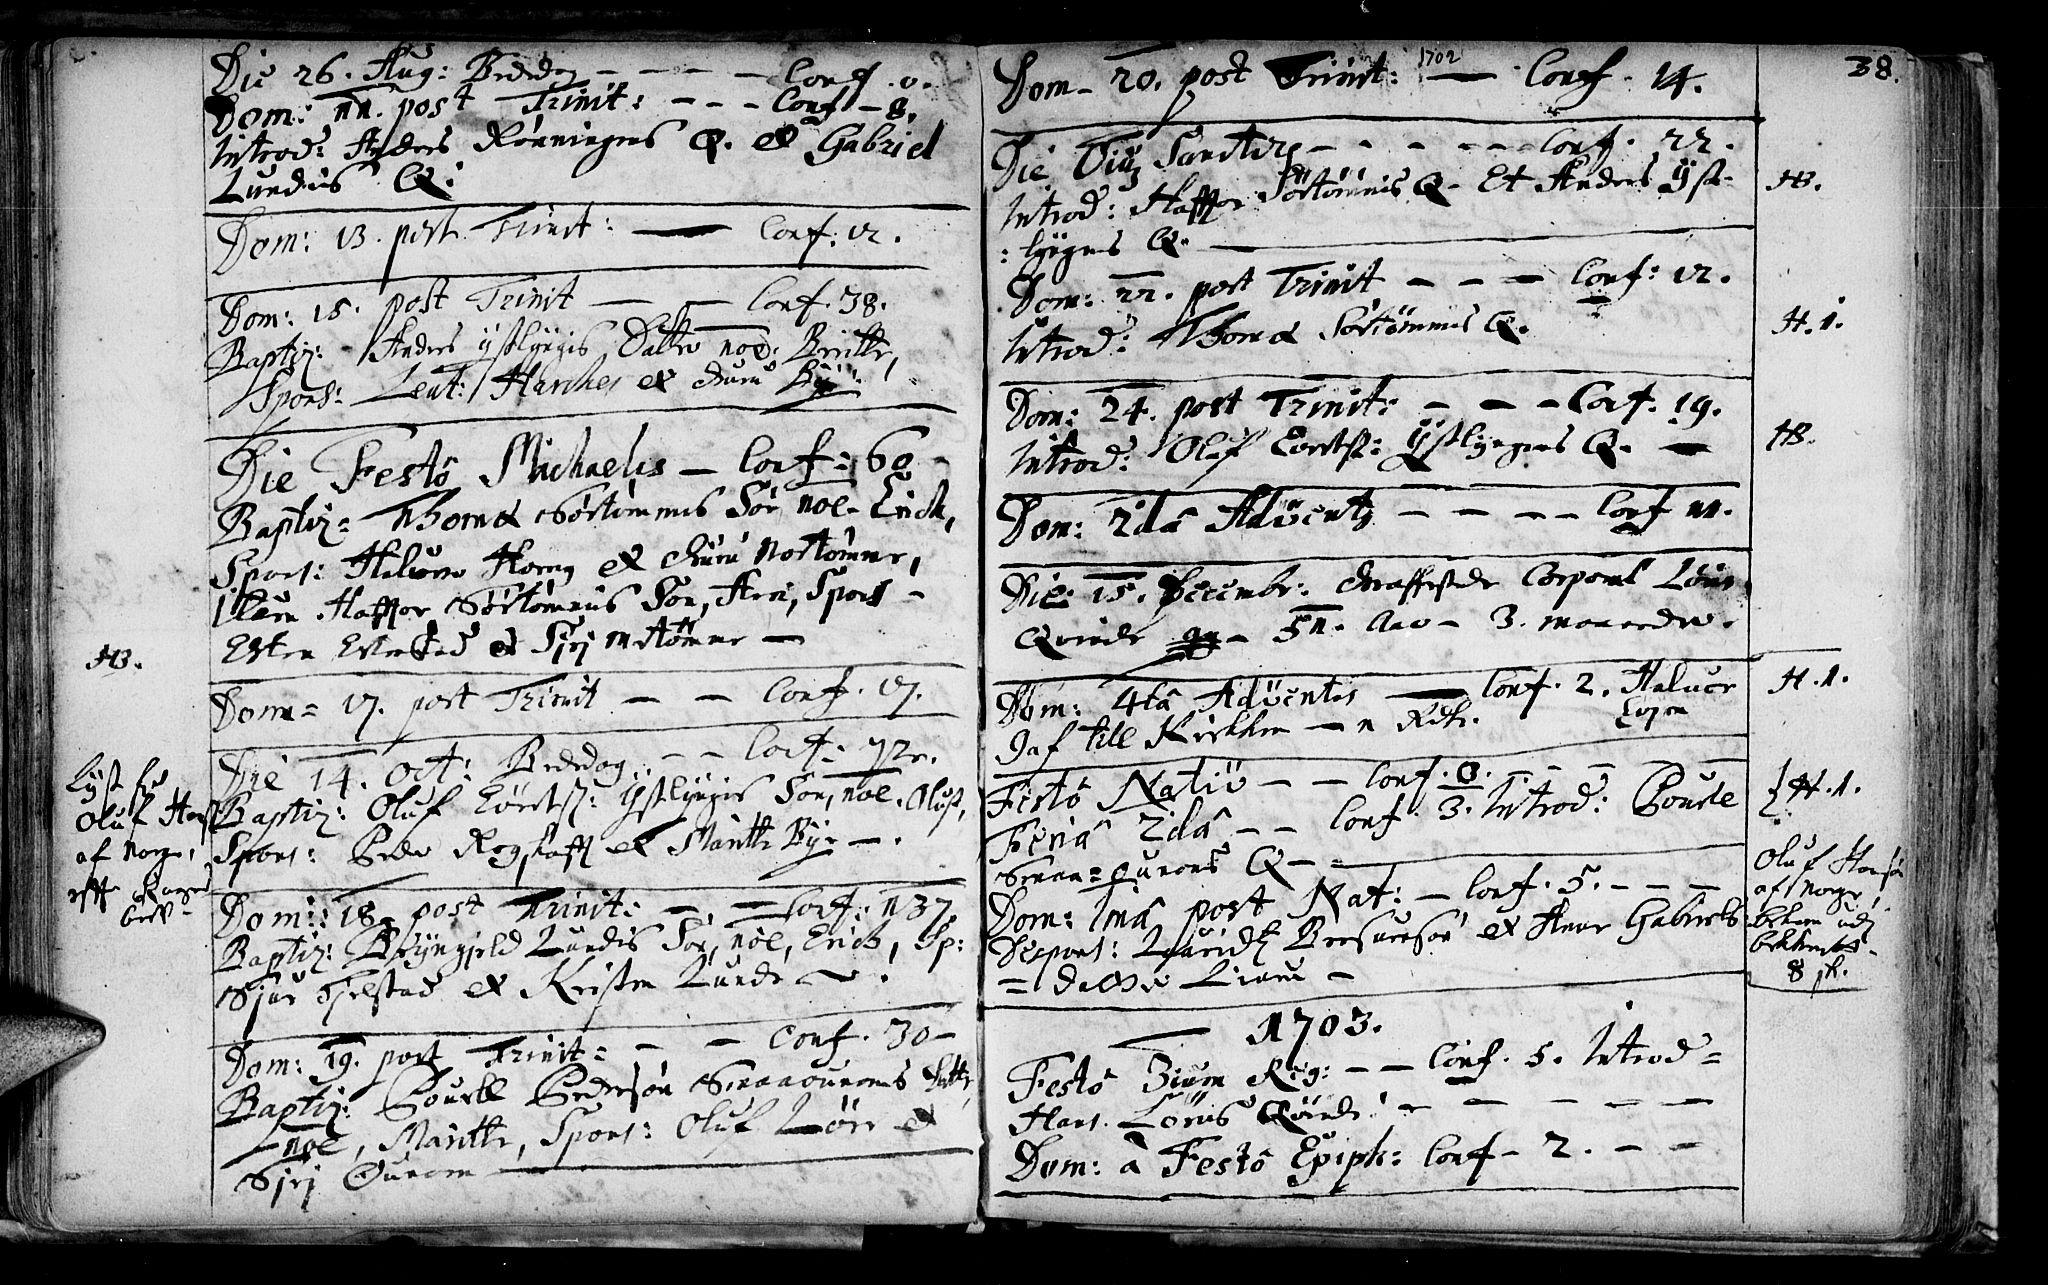 SAT, Ministerialprotokoller, klokkerbøker og fødselsregistre - Sør-Trøndelag, 692/L1101: Ministerialbok nr. 692A01, 1690-1746, s. 38